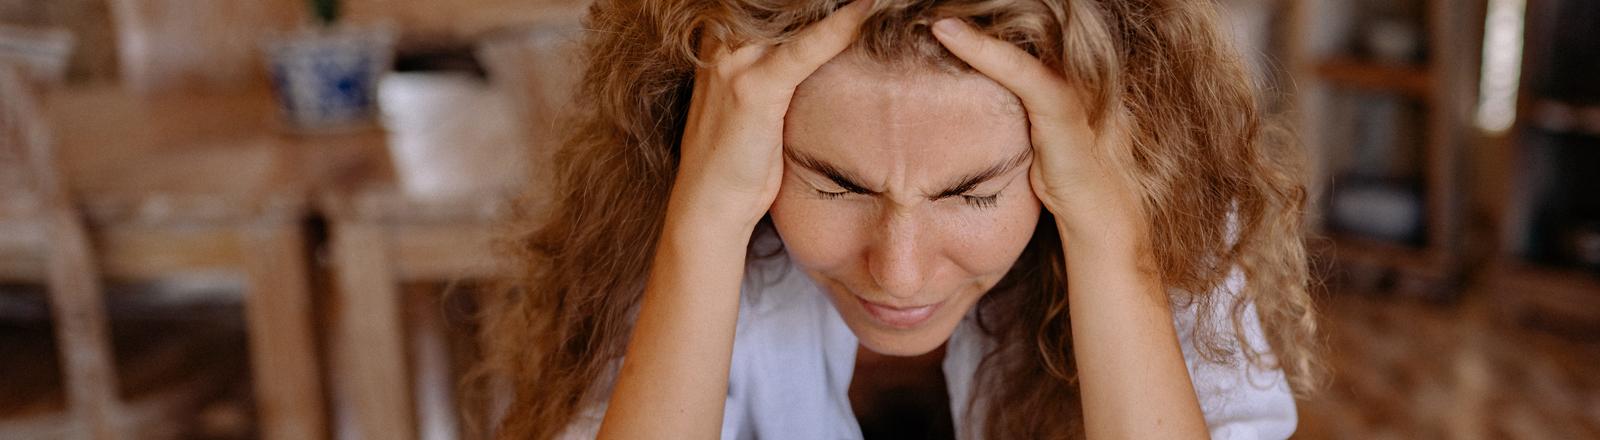 Eine Frau stützt gestresst den Kopf auf die Hände.